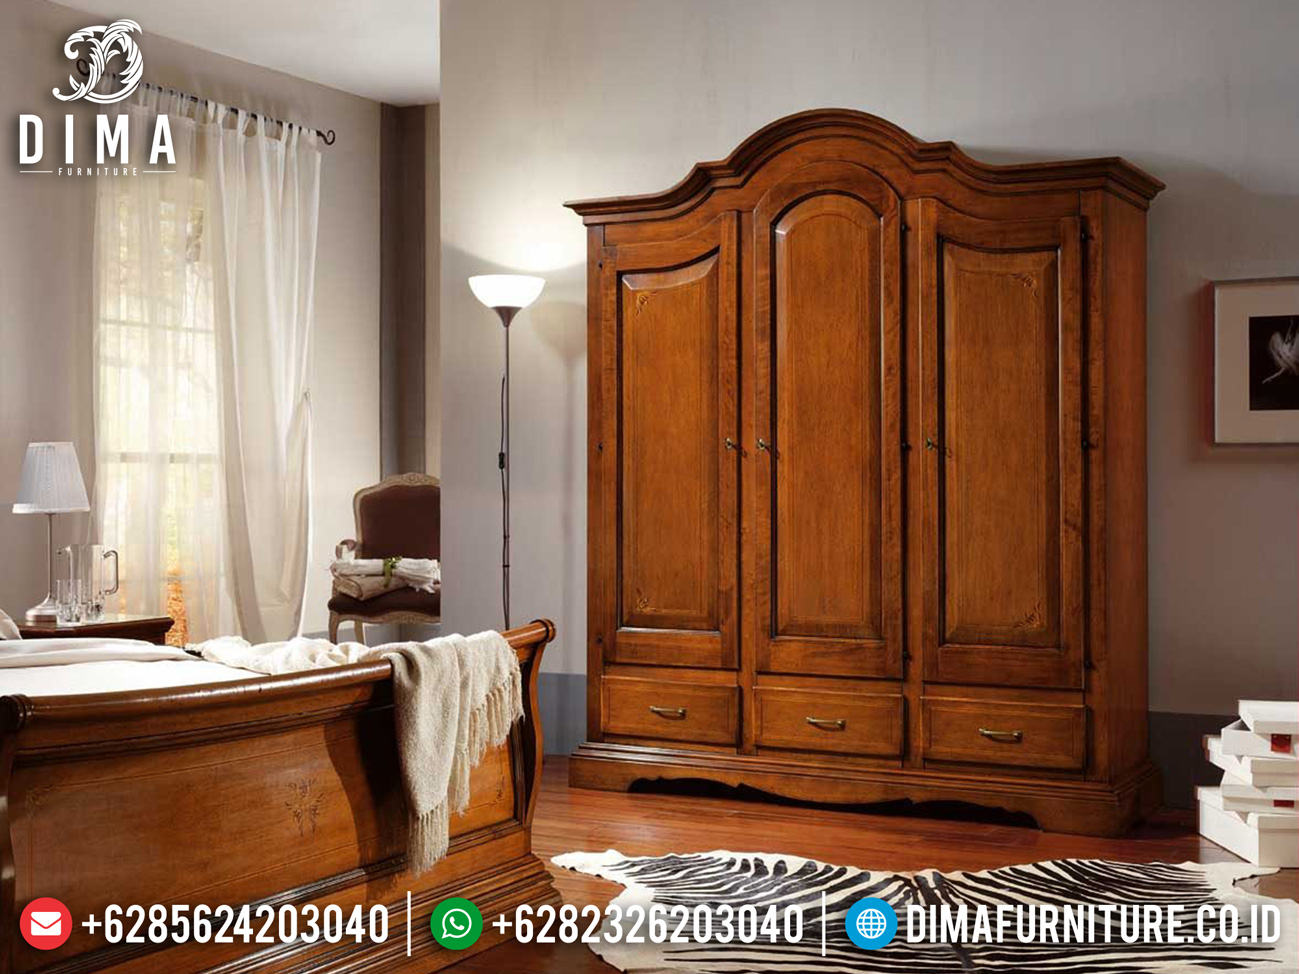 Jual Lemari Pakaian Jati Minimalis Natural Klasik High Quality Solid Wood ST-1100